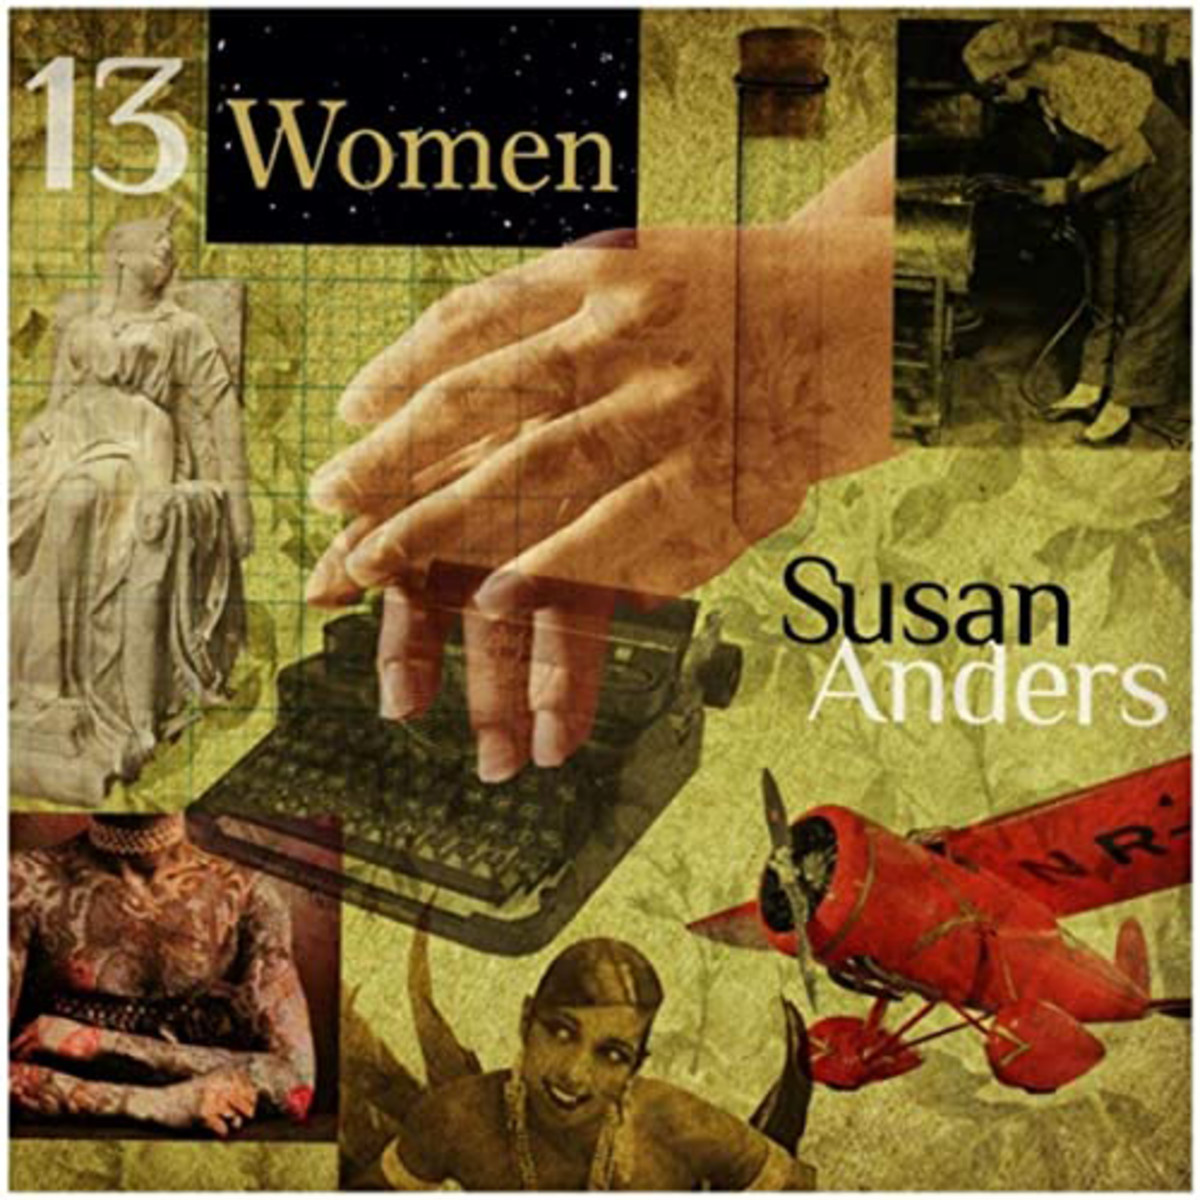 13 women